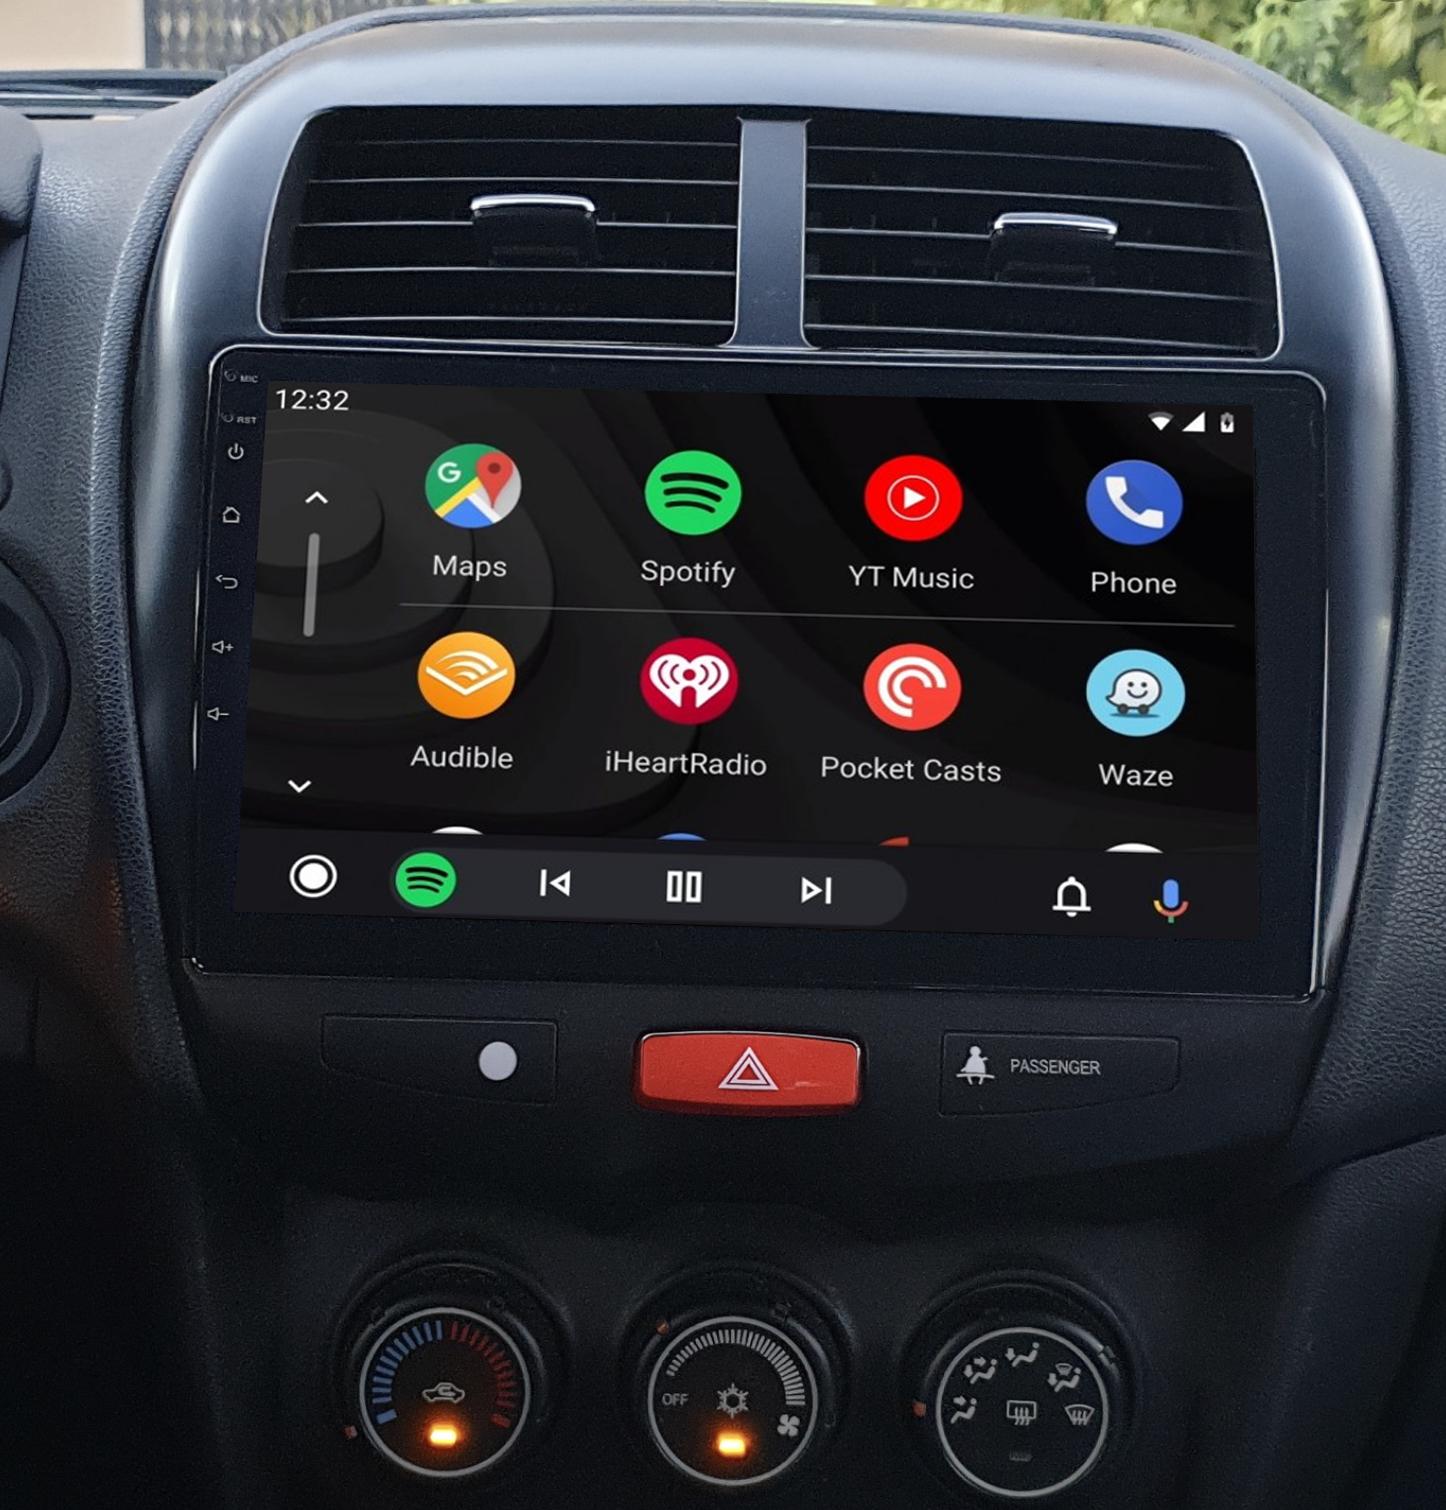 Ecran tactile QLED Android 11.0 + Apple Carplay sans fil Citroën C4 Aircross de 2012 à 2017